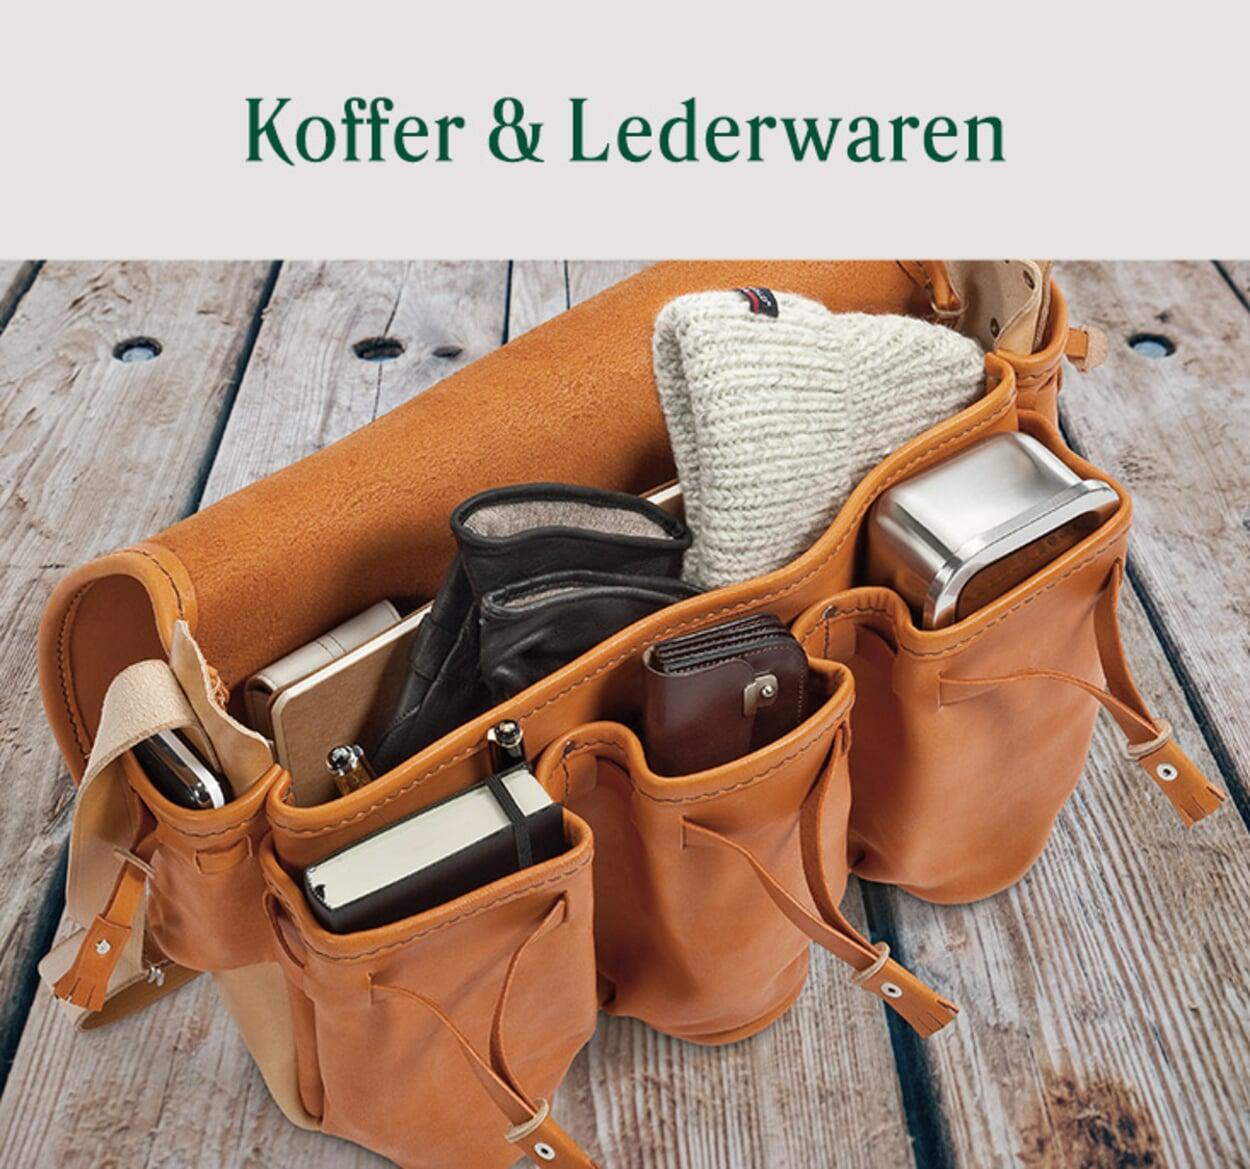 Sortiment Koffer & Lederwaren